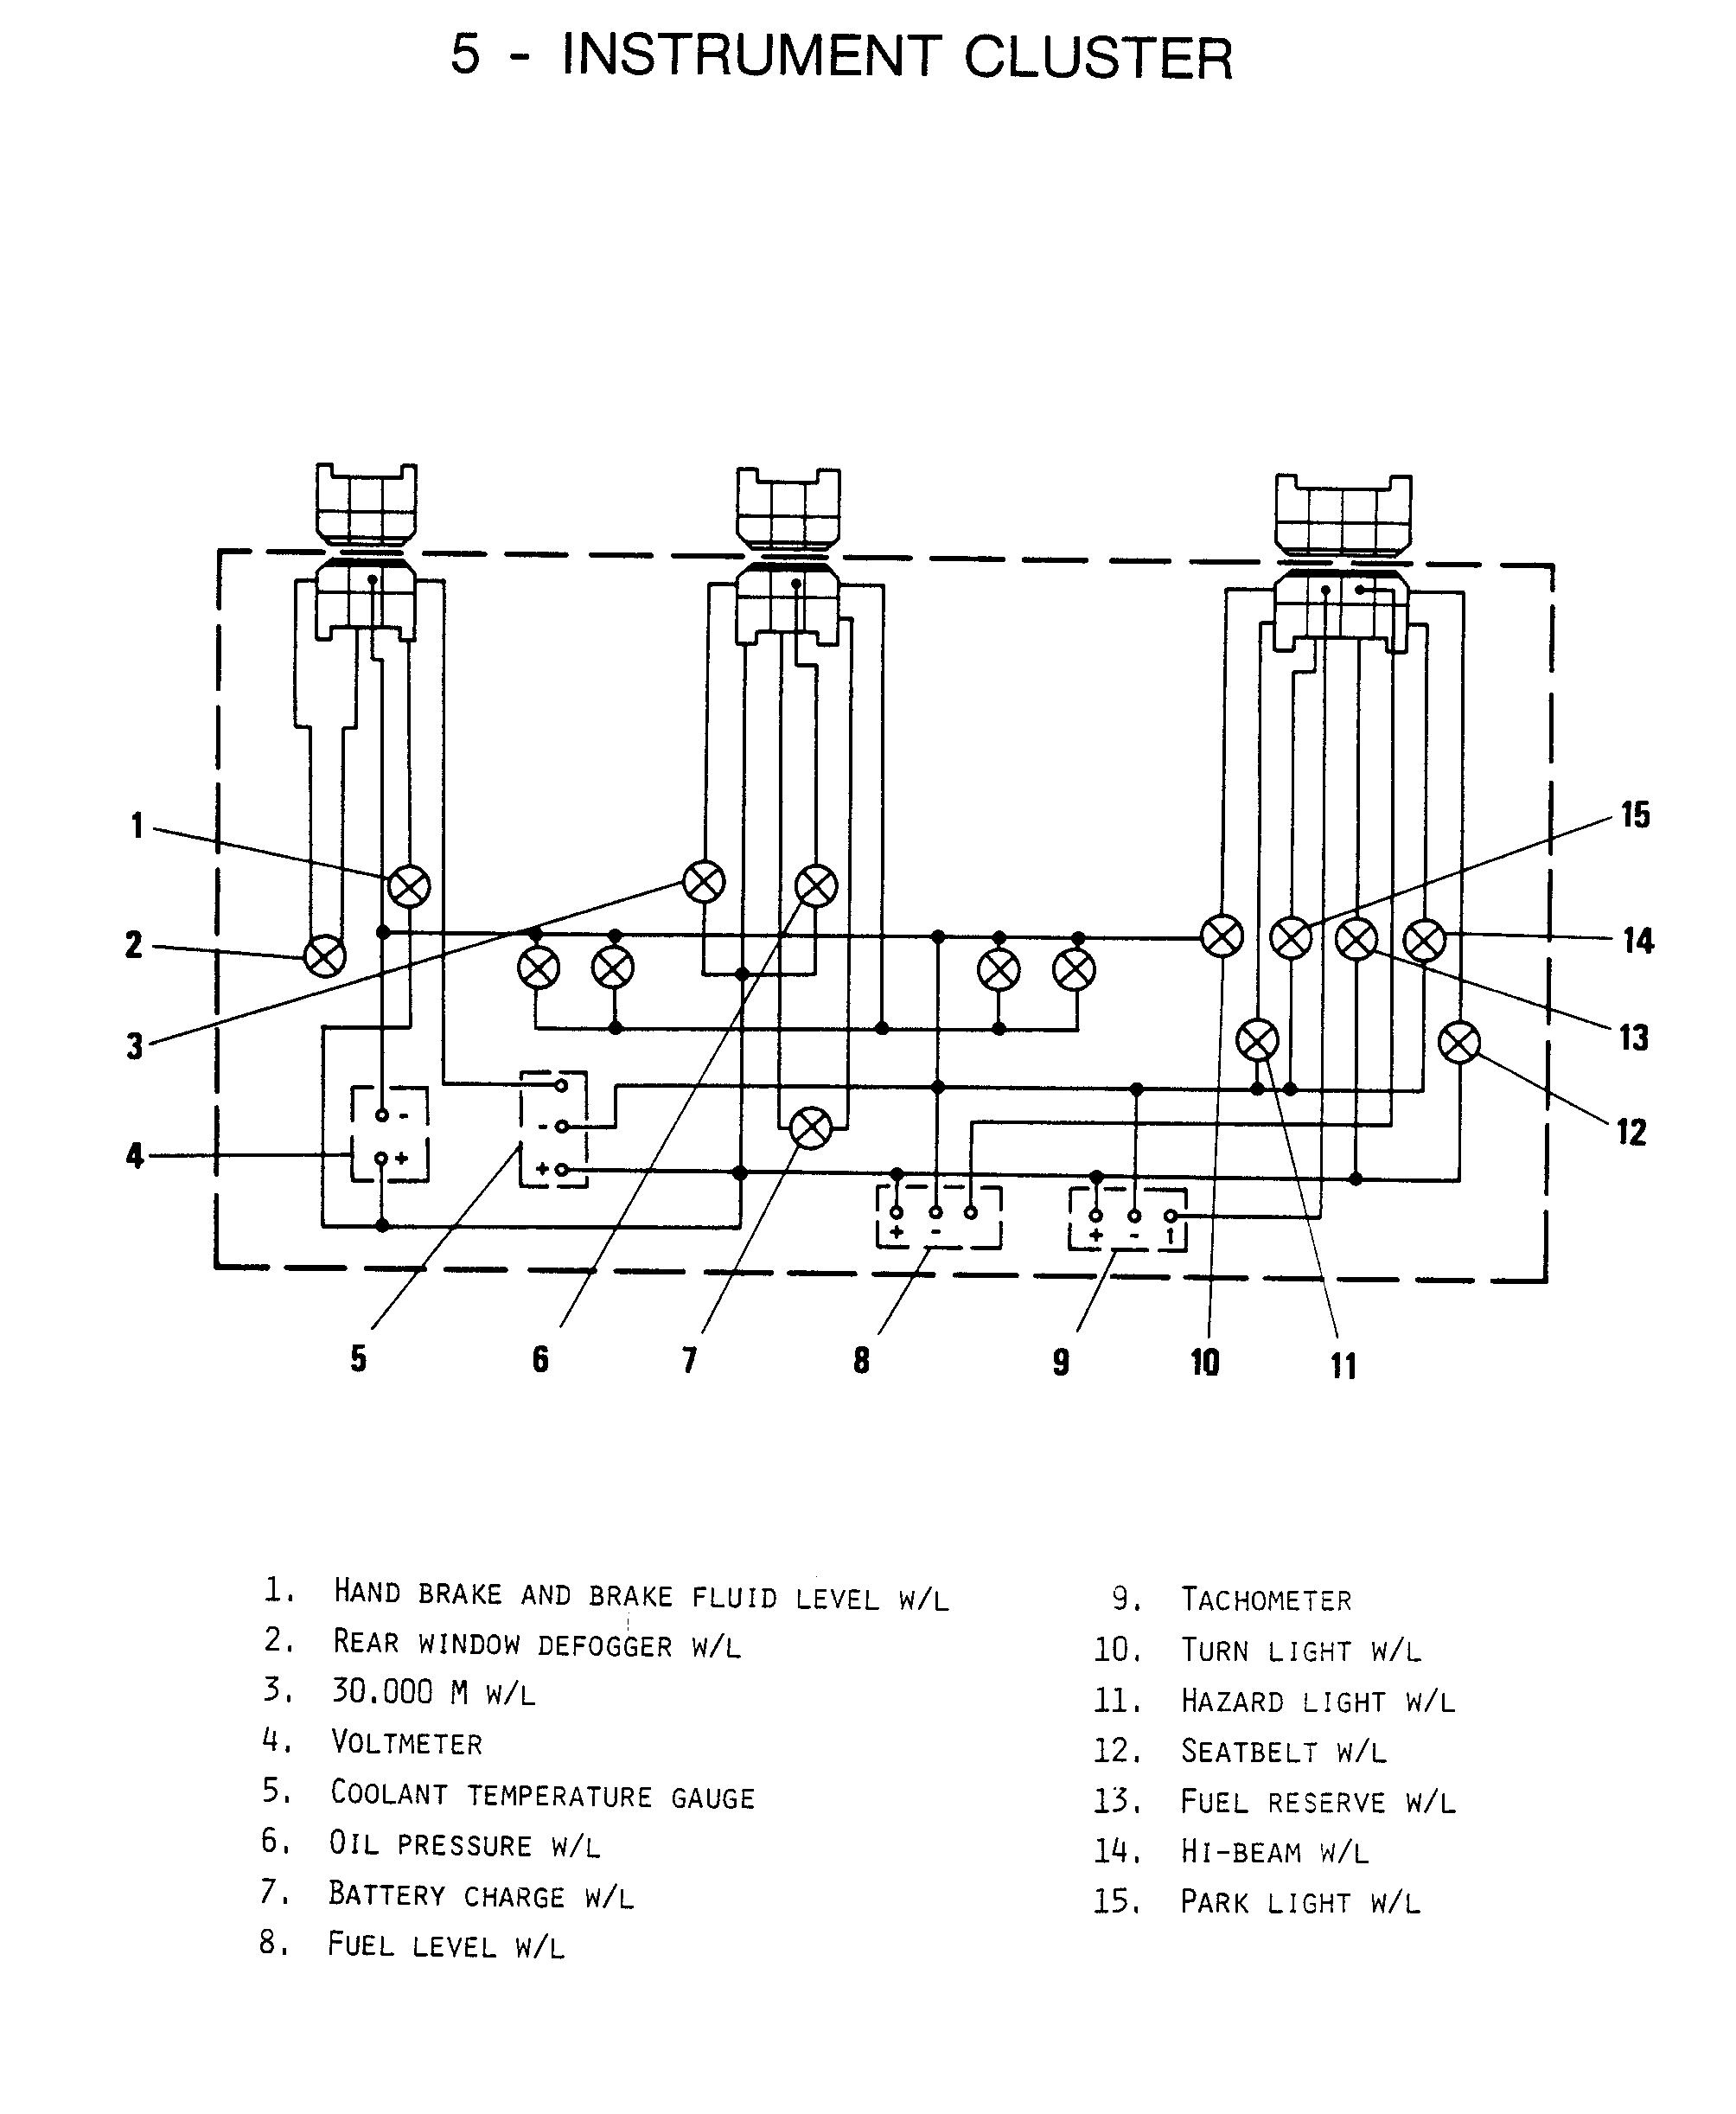 gmc safari vacuum diagram 92 s10 radio wiring engine schemes